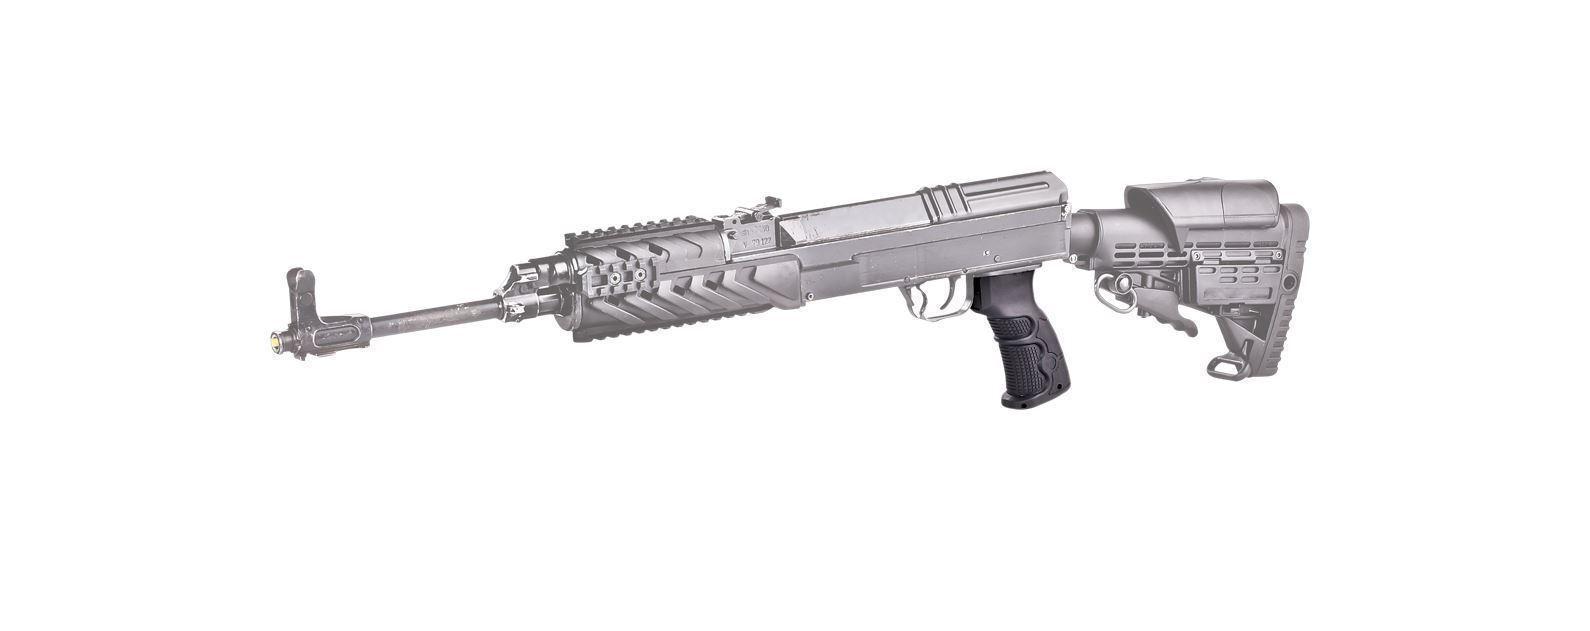 G47 | Pistol Grip - AK47/AK74